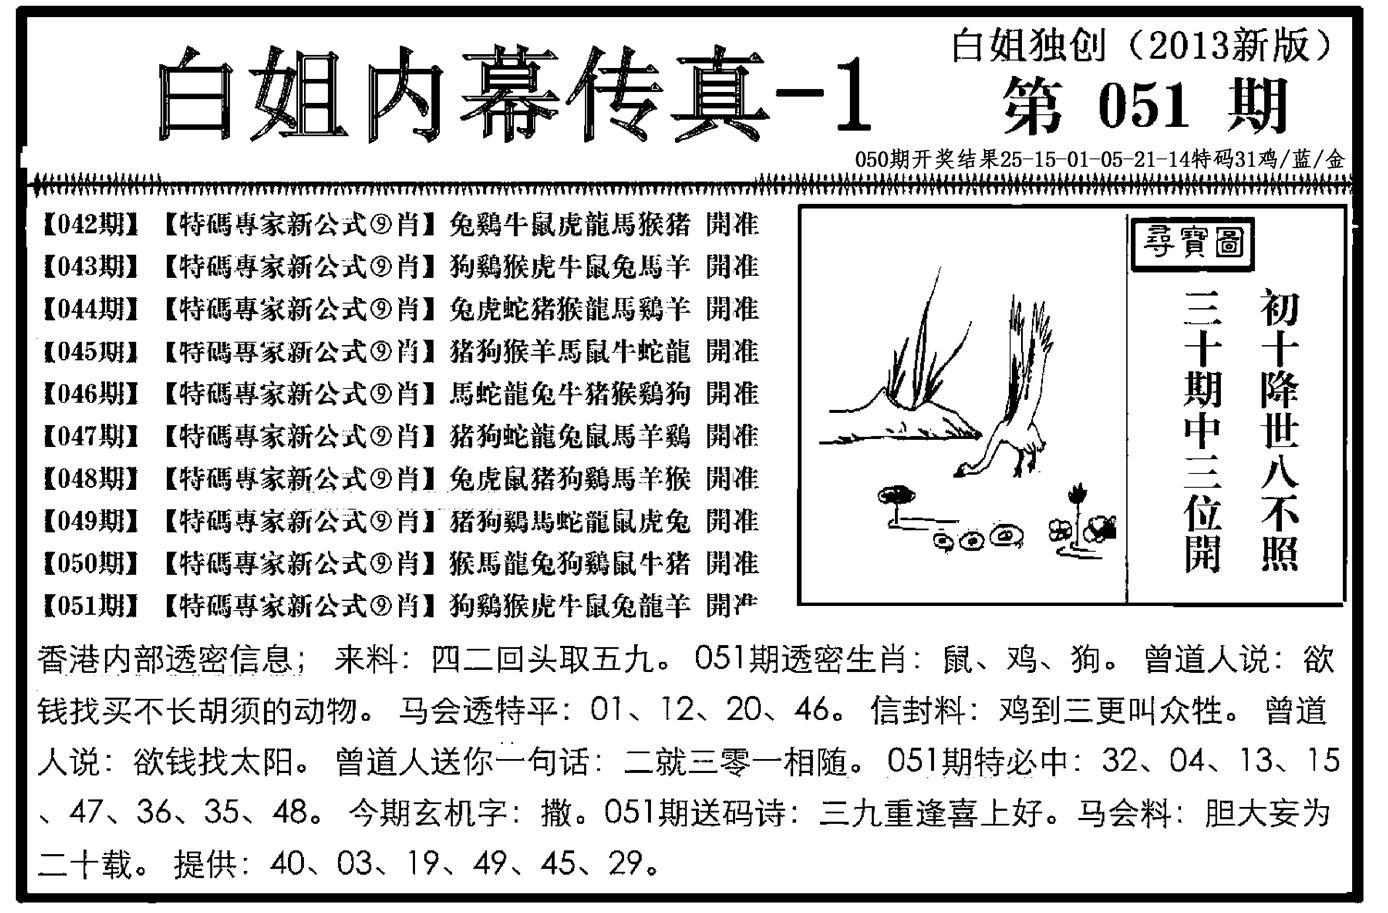 051期白姐内幕传真-1(黑白)